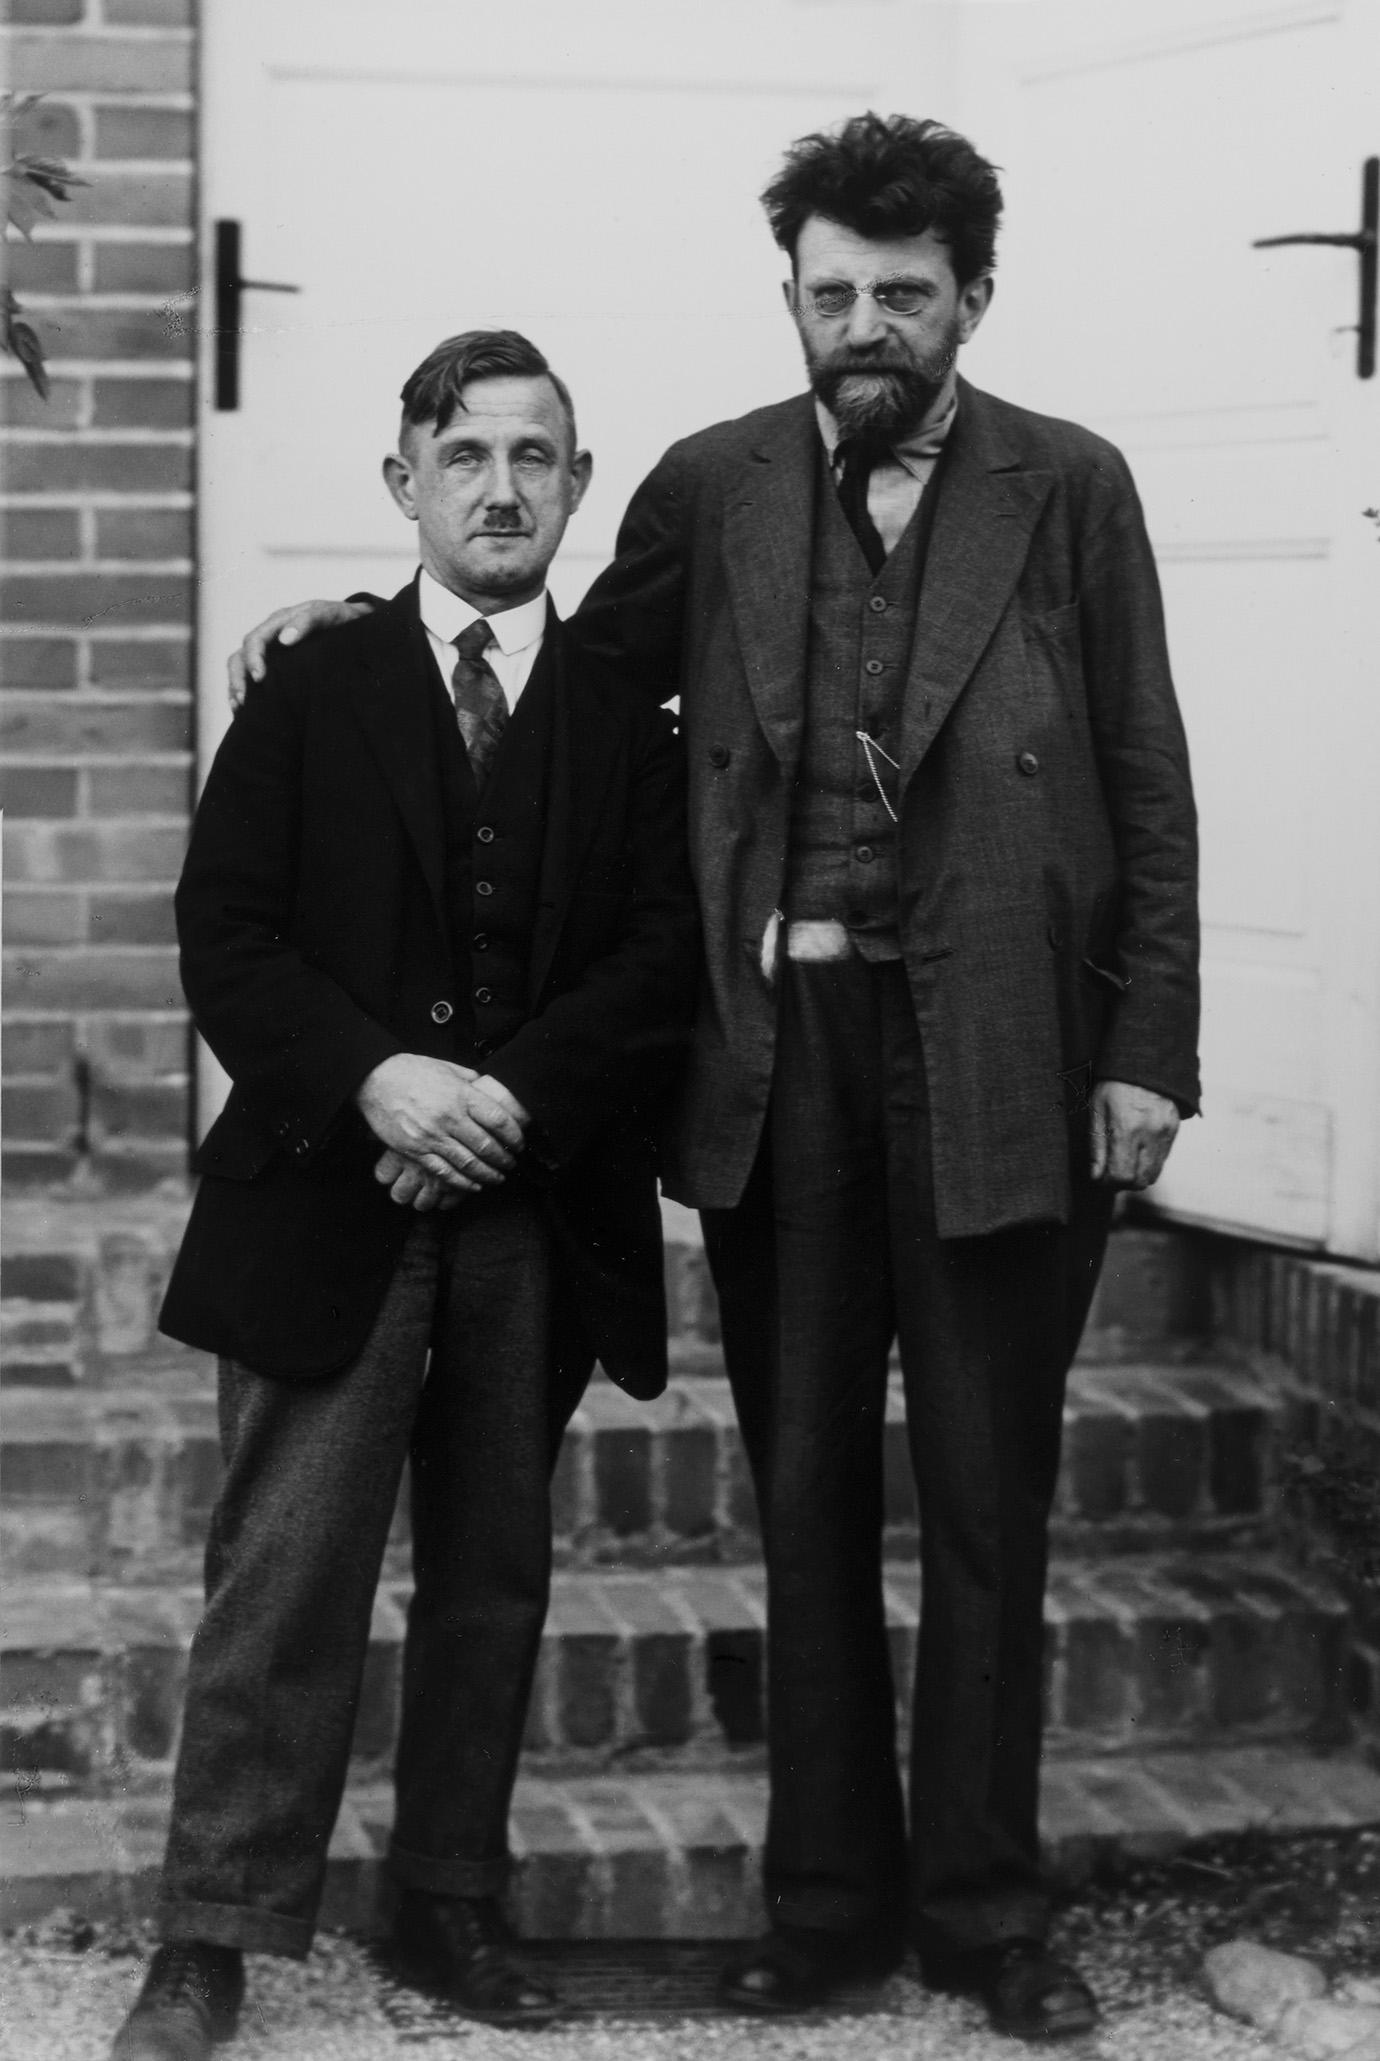 August Sander, Politiker der Linken (rechts Erich Mühsam), 1926